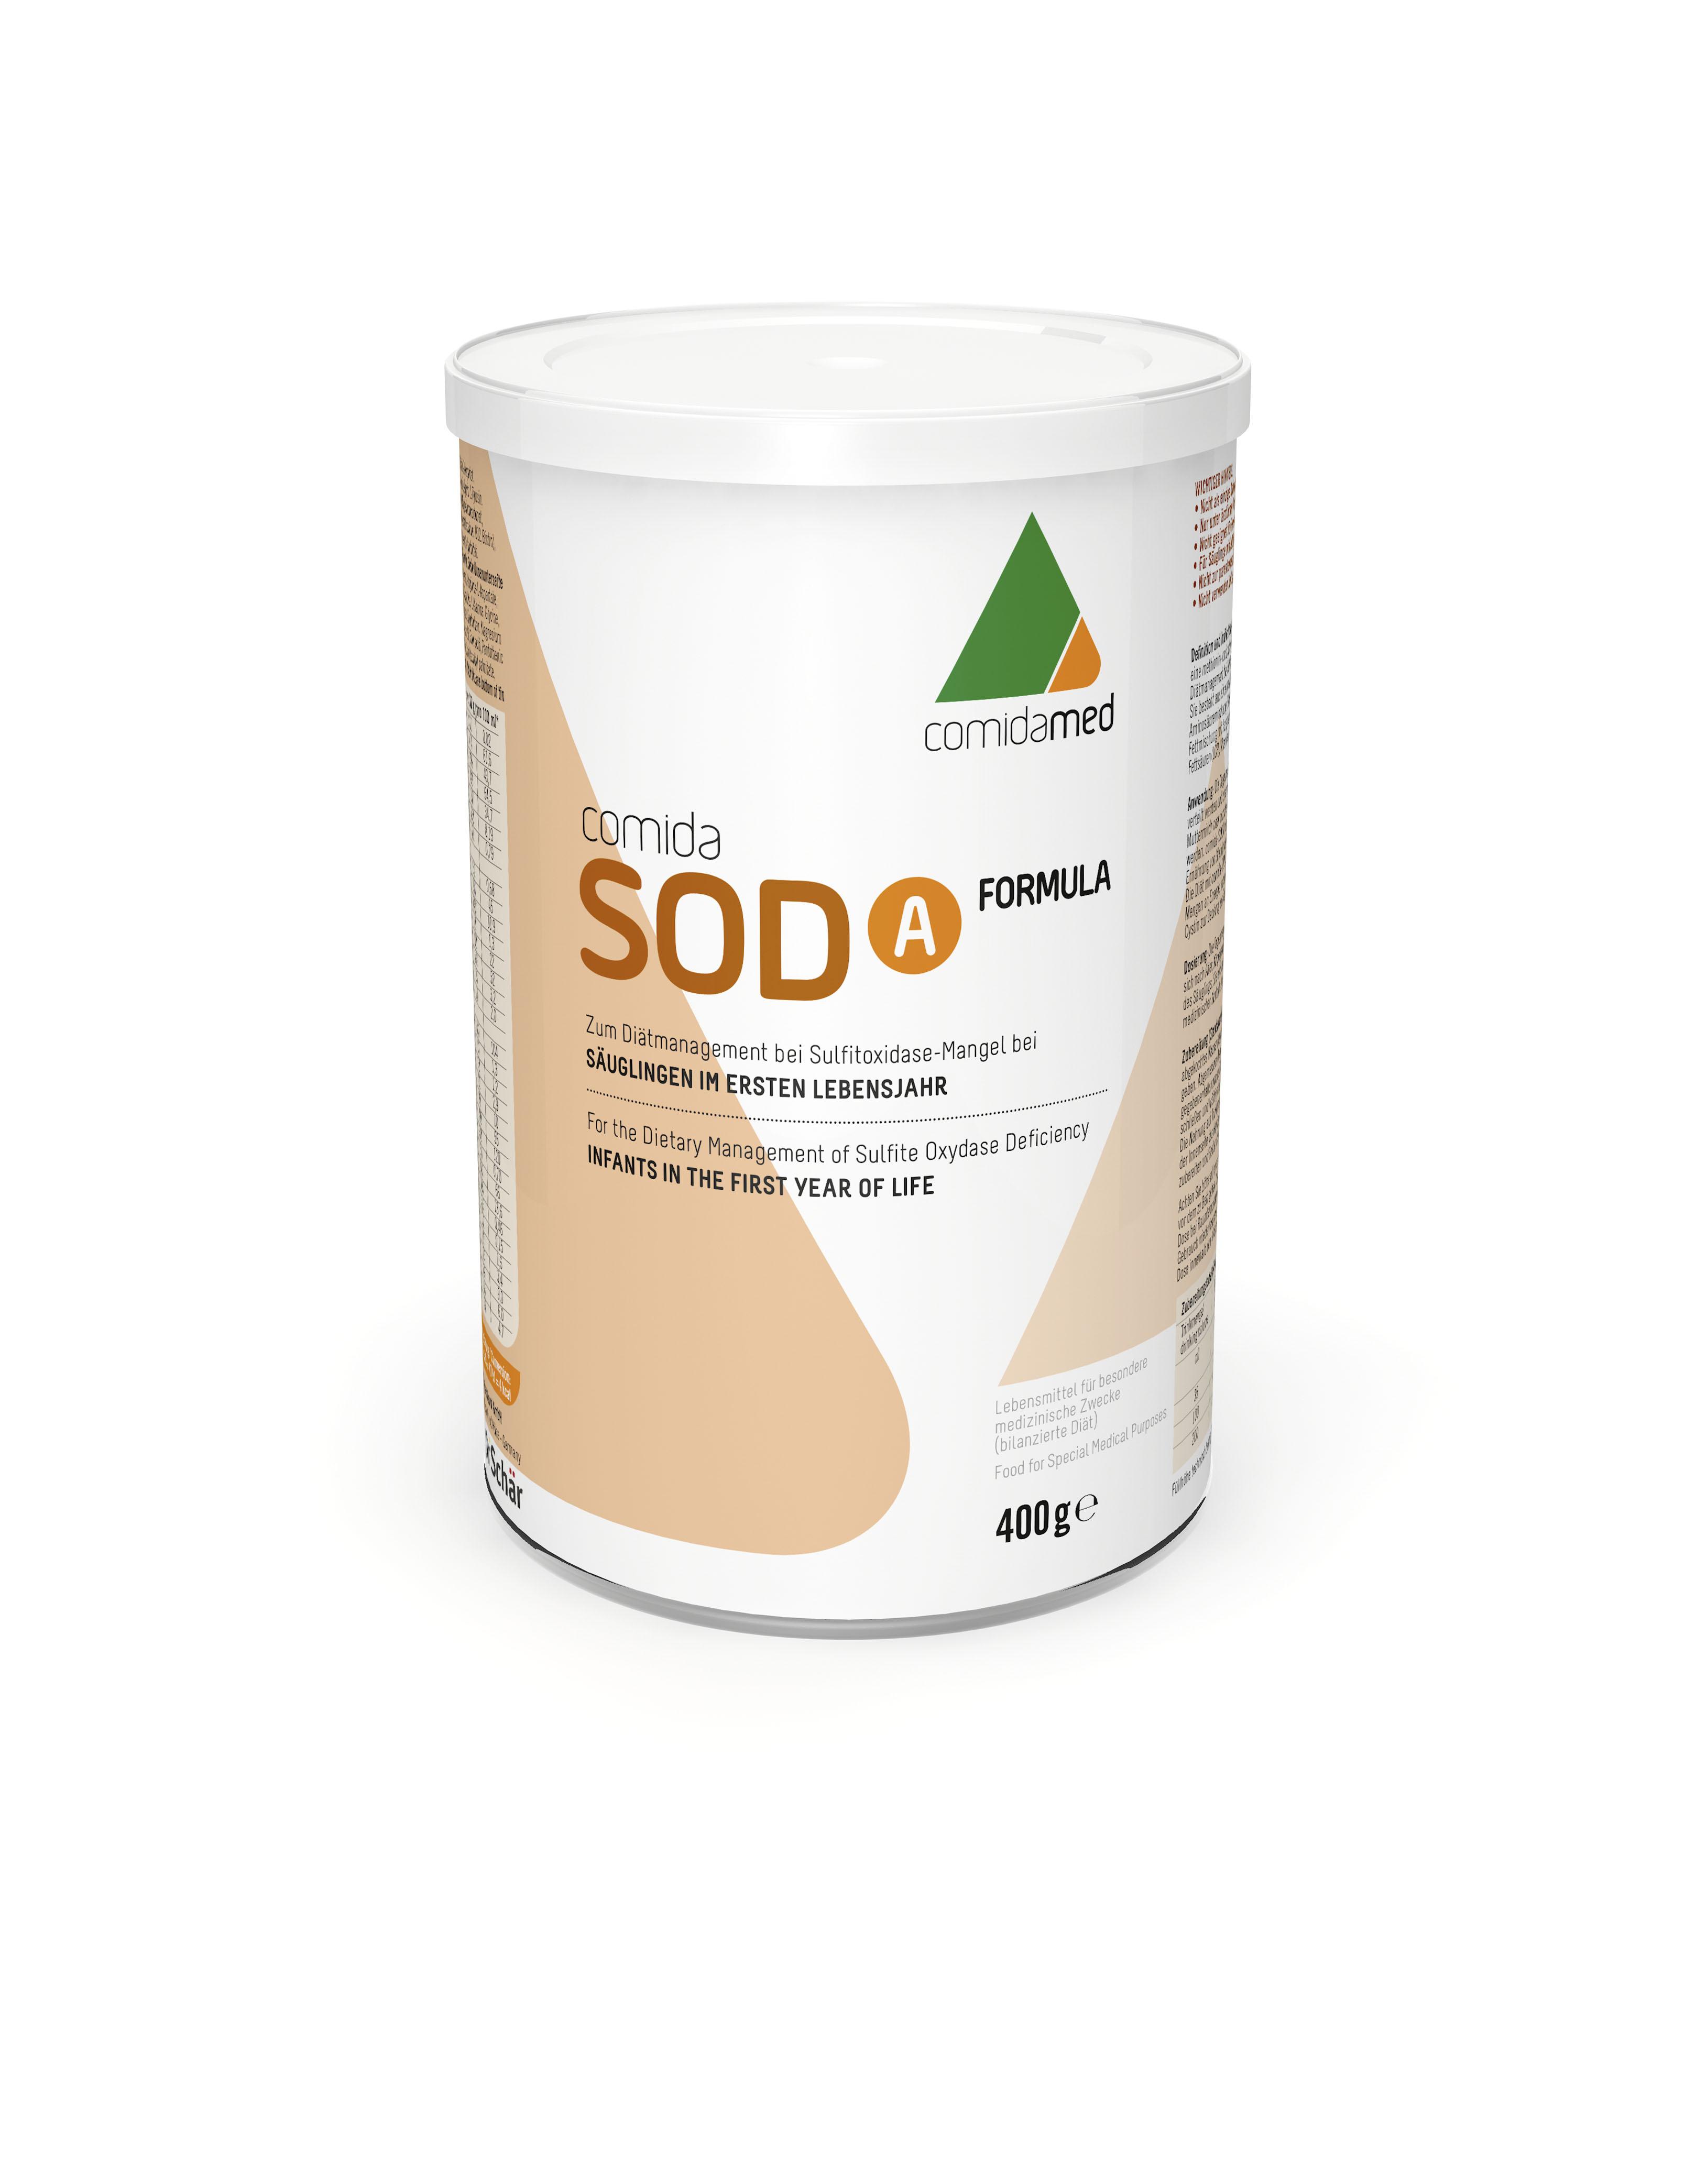 comida SOD A formula